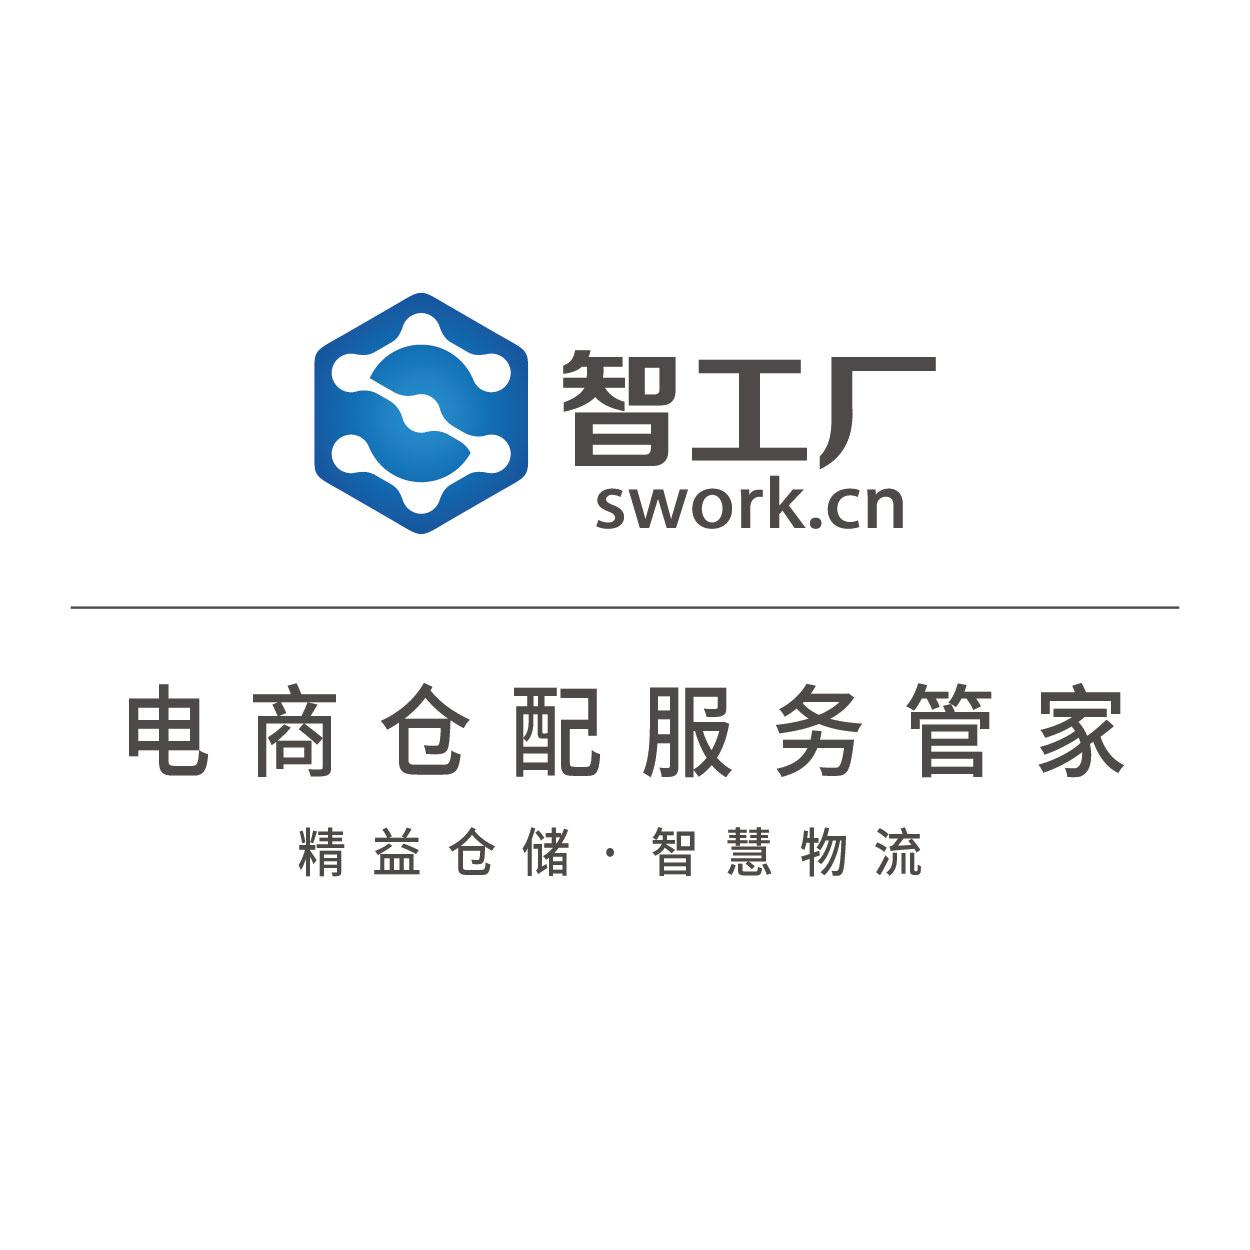 艾想供應鏈科技(上海)有限公司